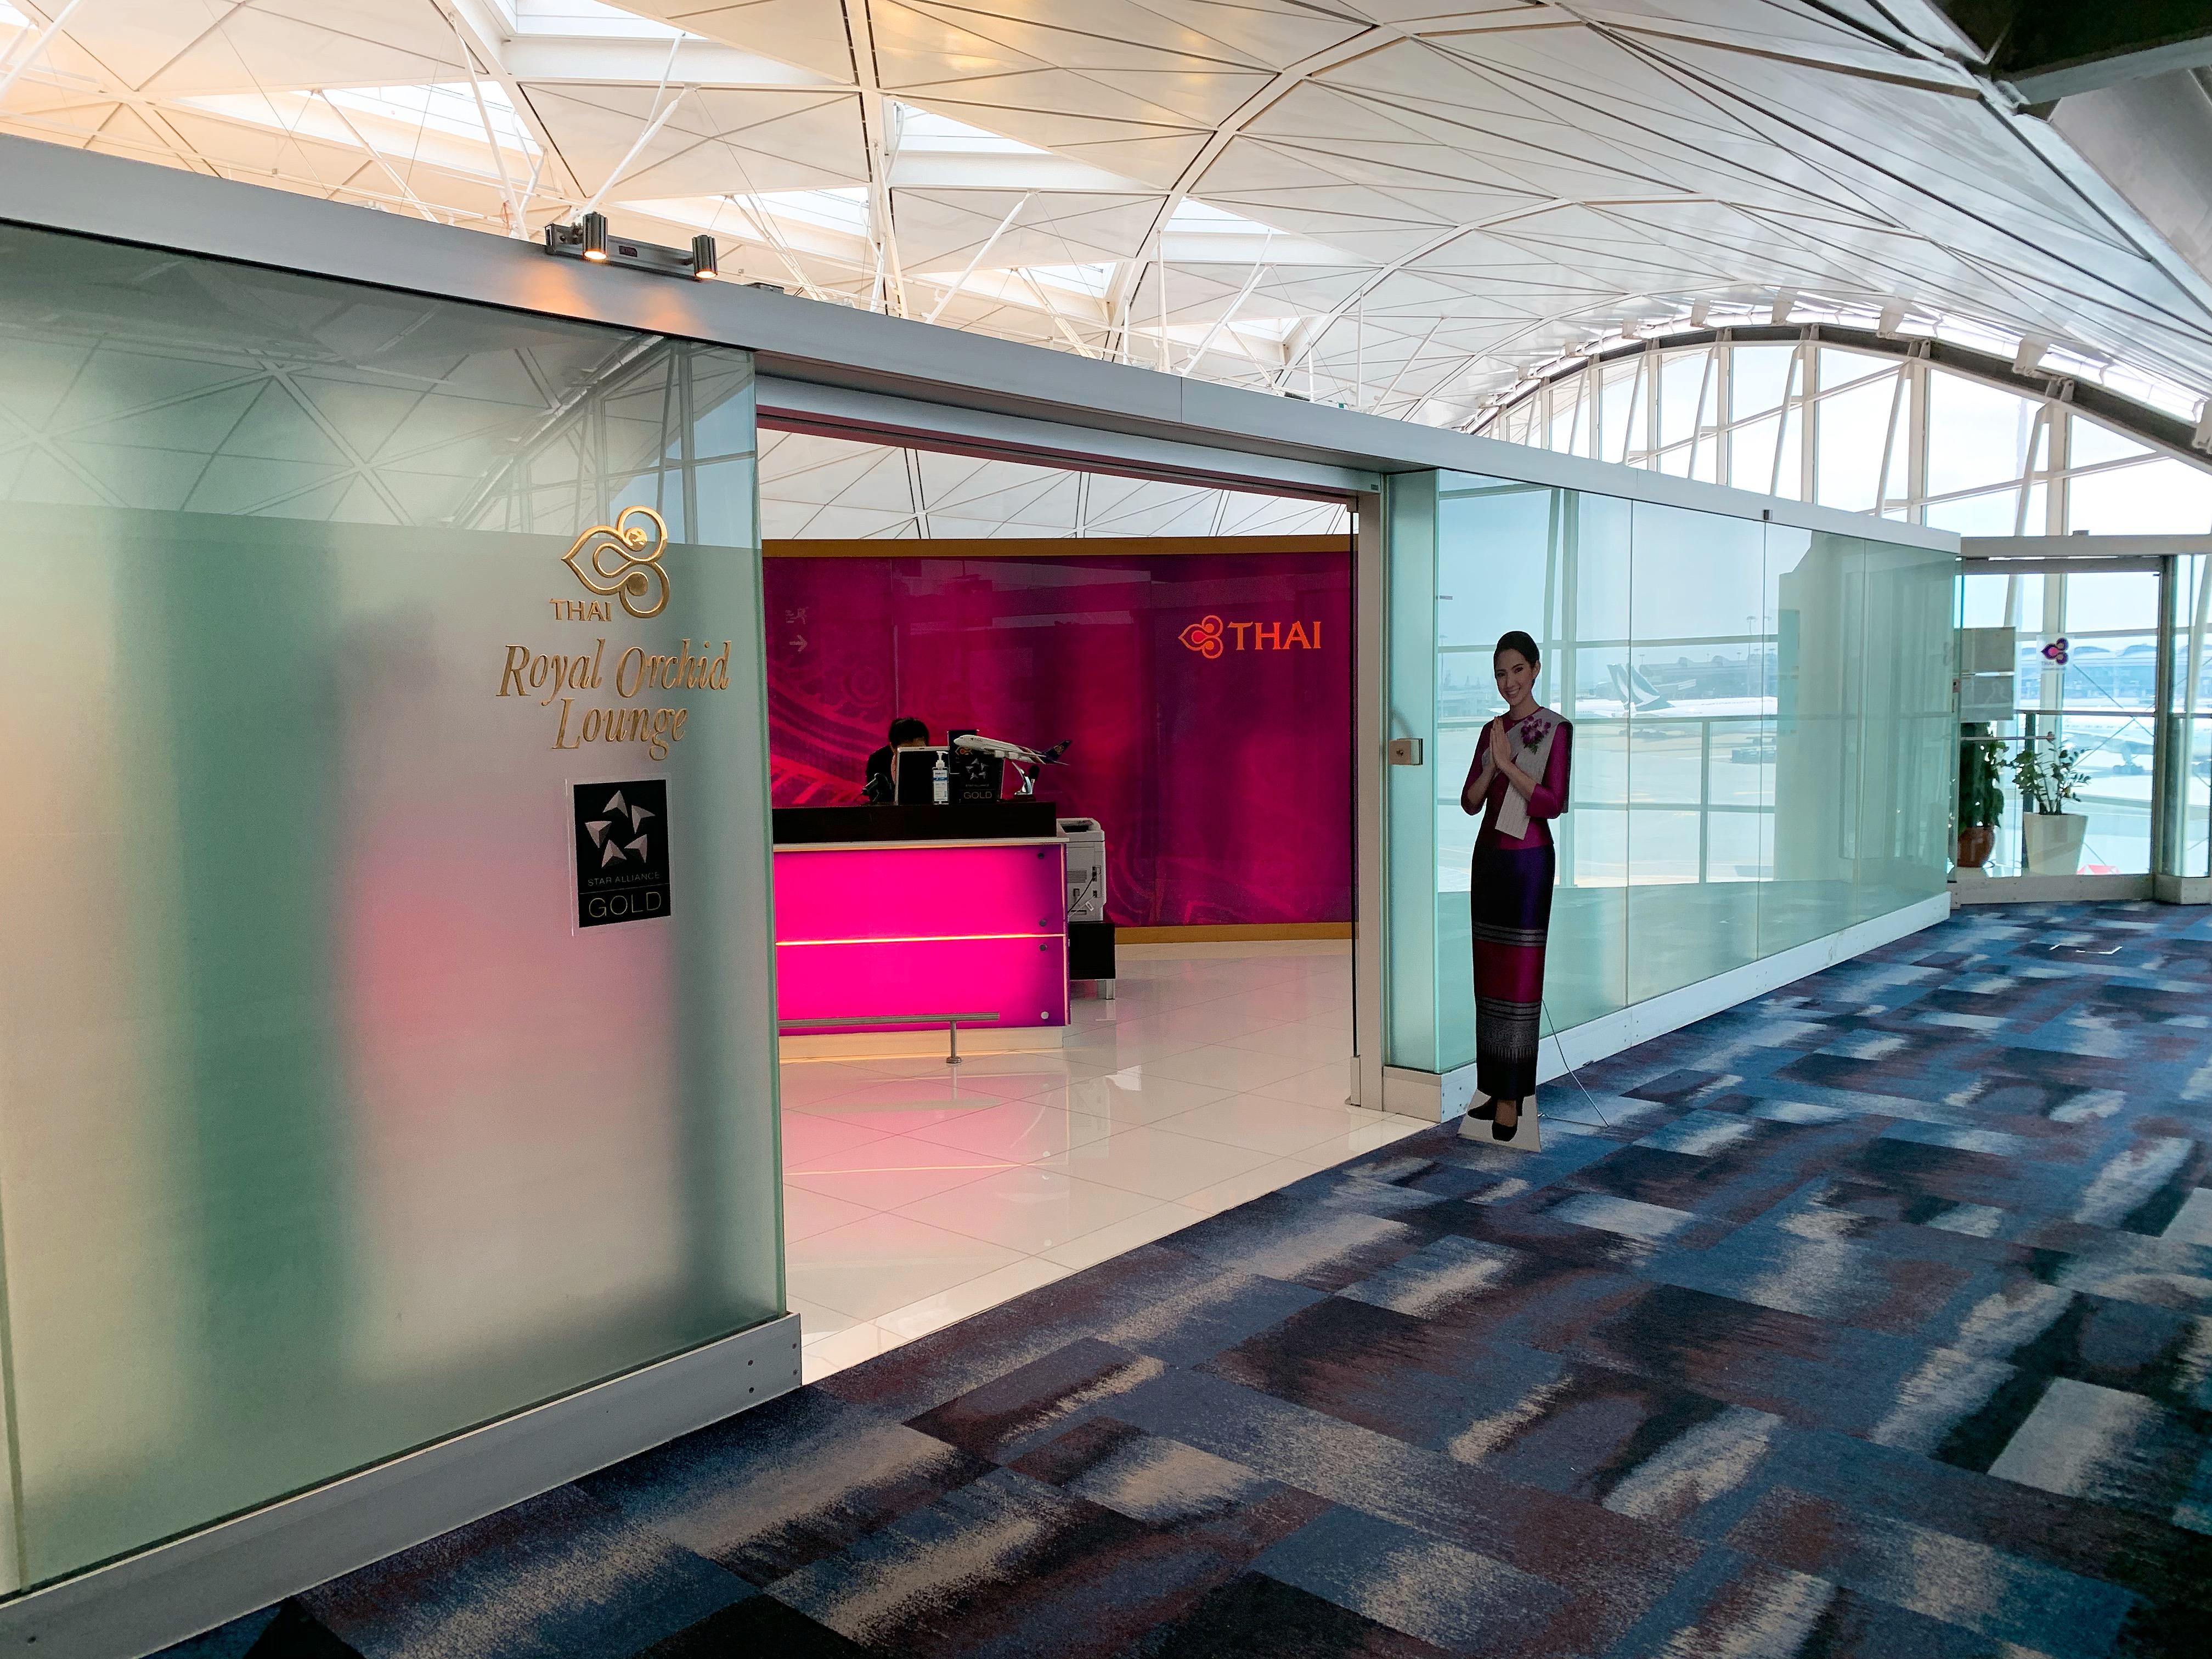 香港国際空港ロイヤルオーキッドラウンジ